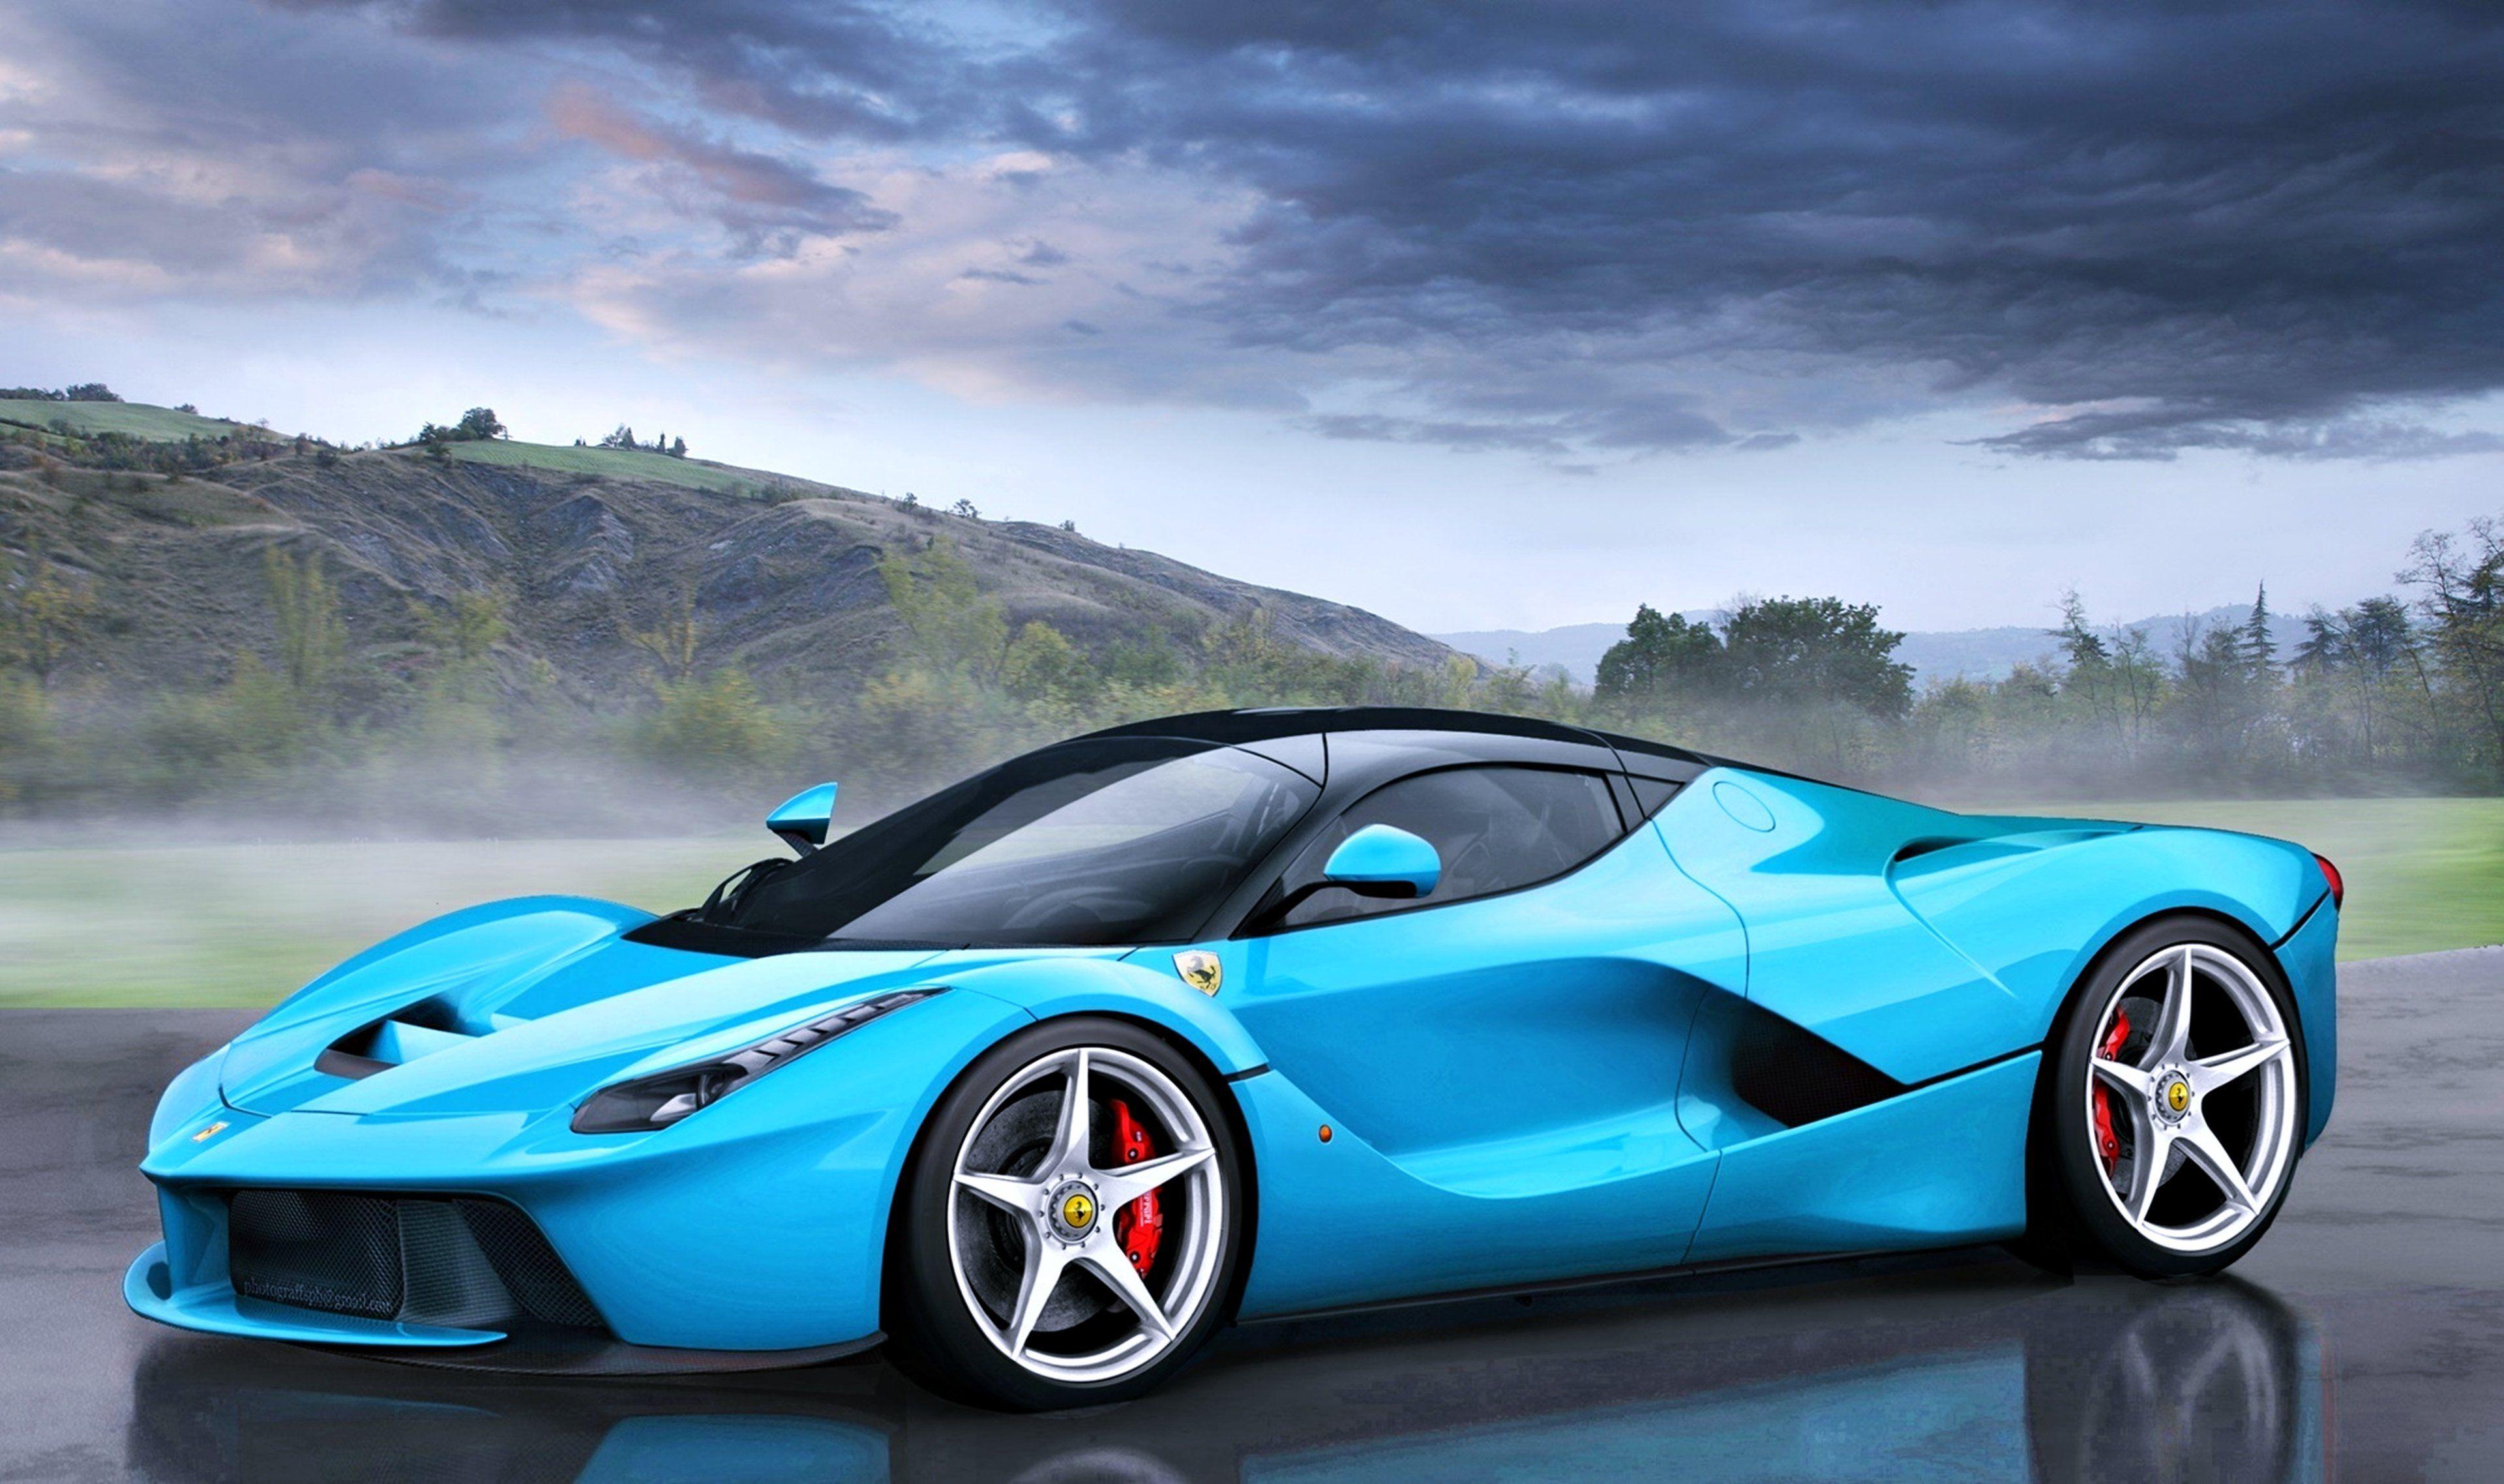 Blue Ferrari Wallpapers Wallpaper Cave